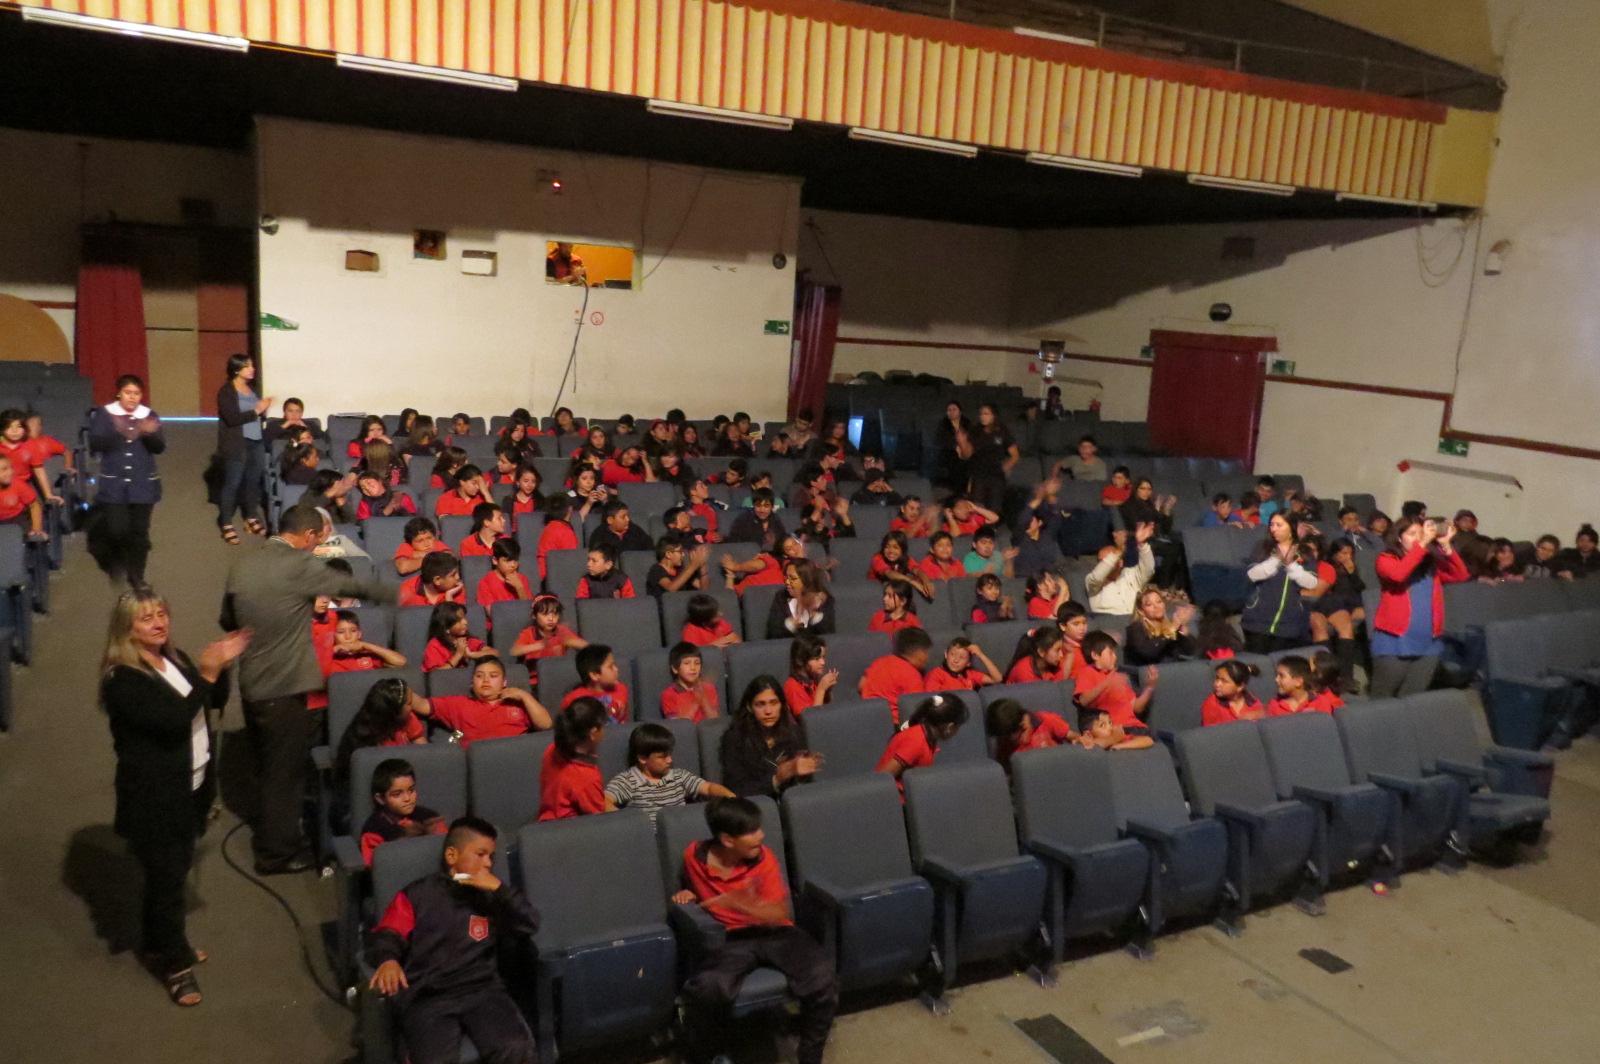 Alumnos del colegio Talacanta de 1º a 8º básico